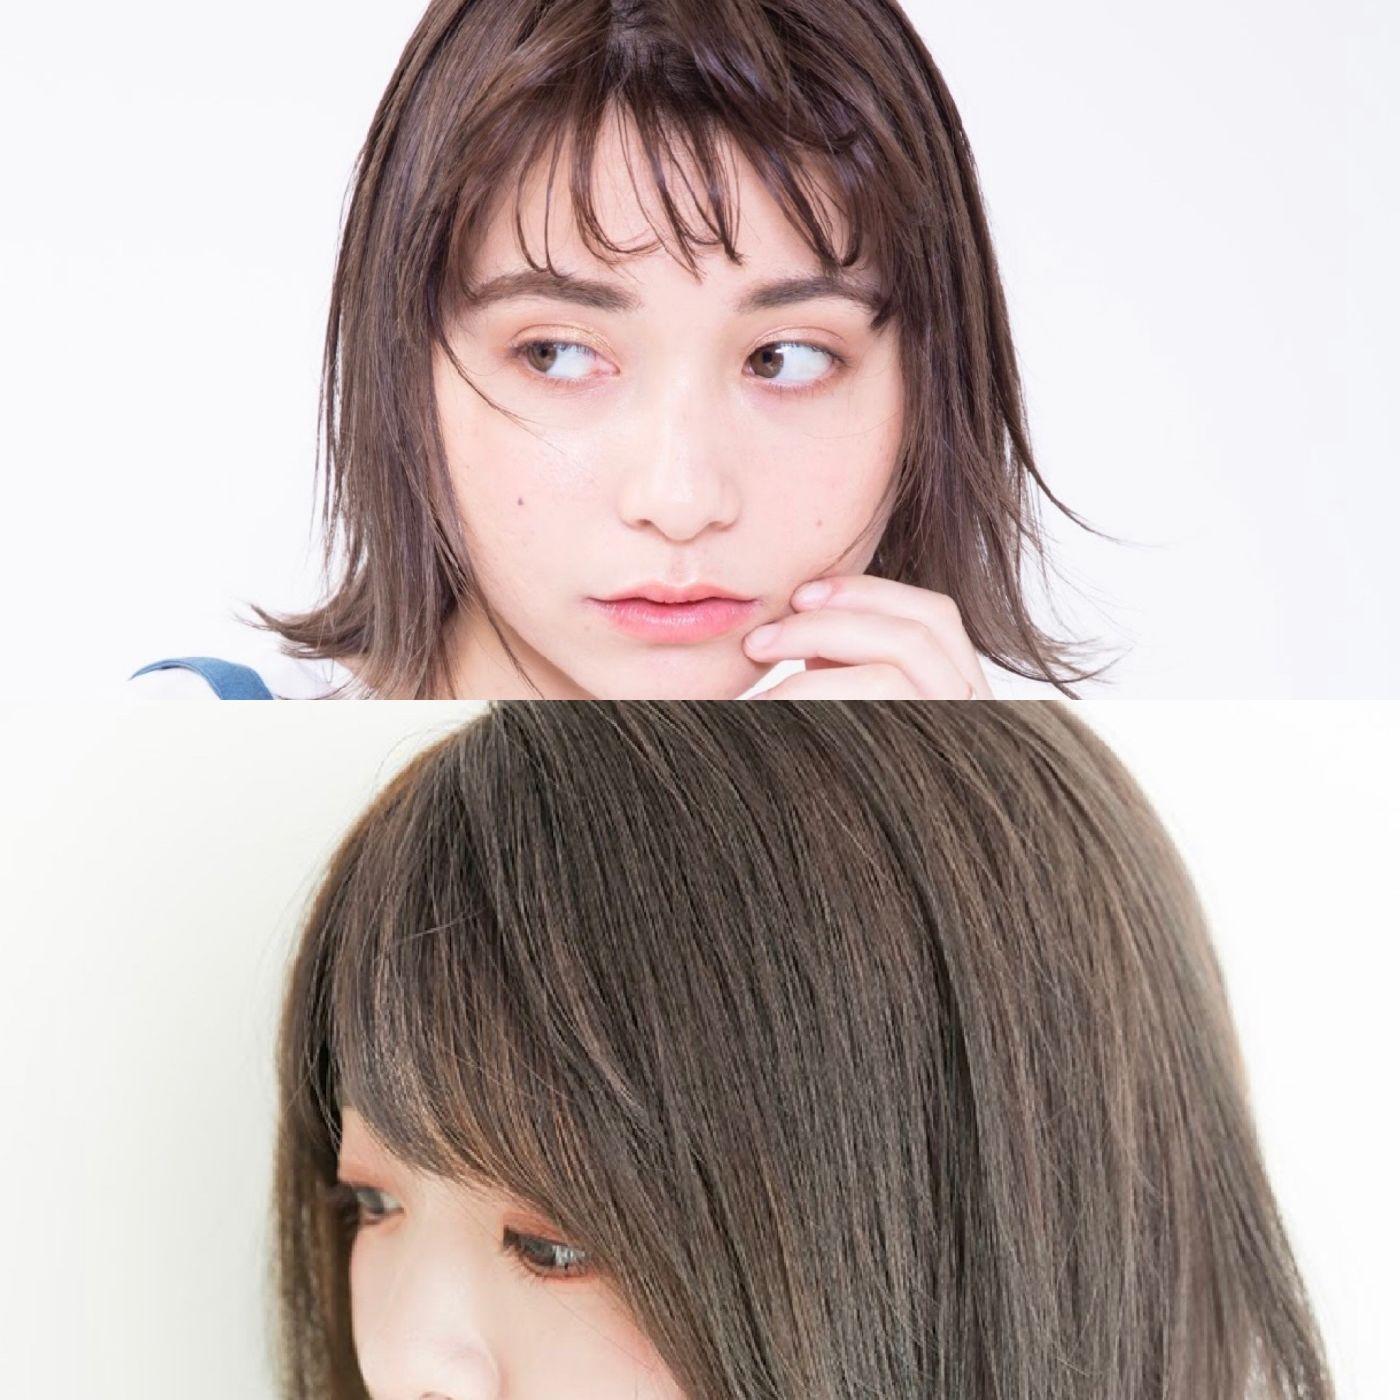 前髪を作る場合